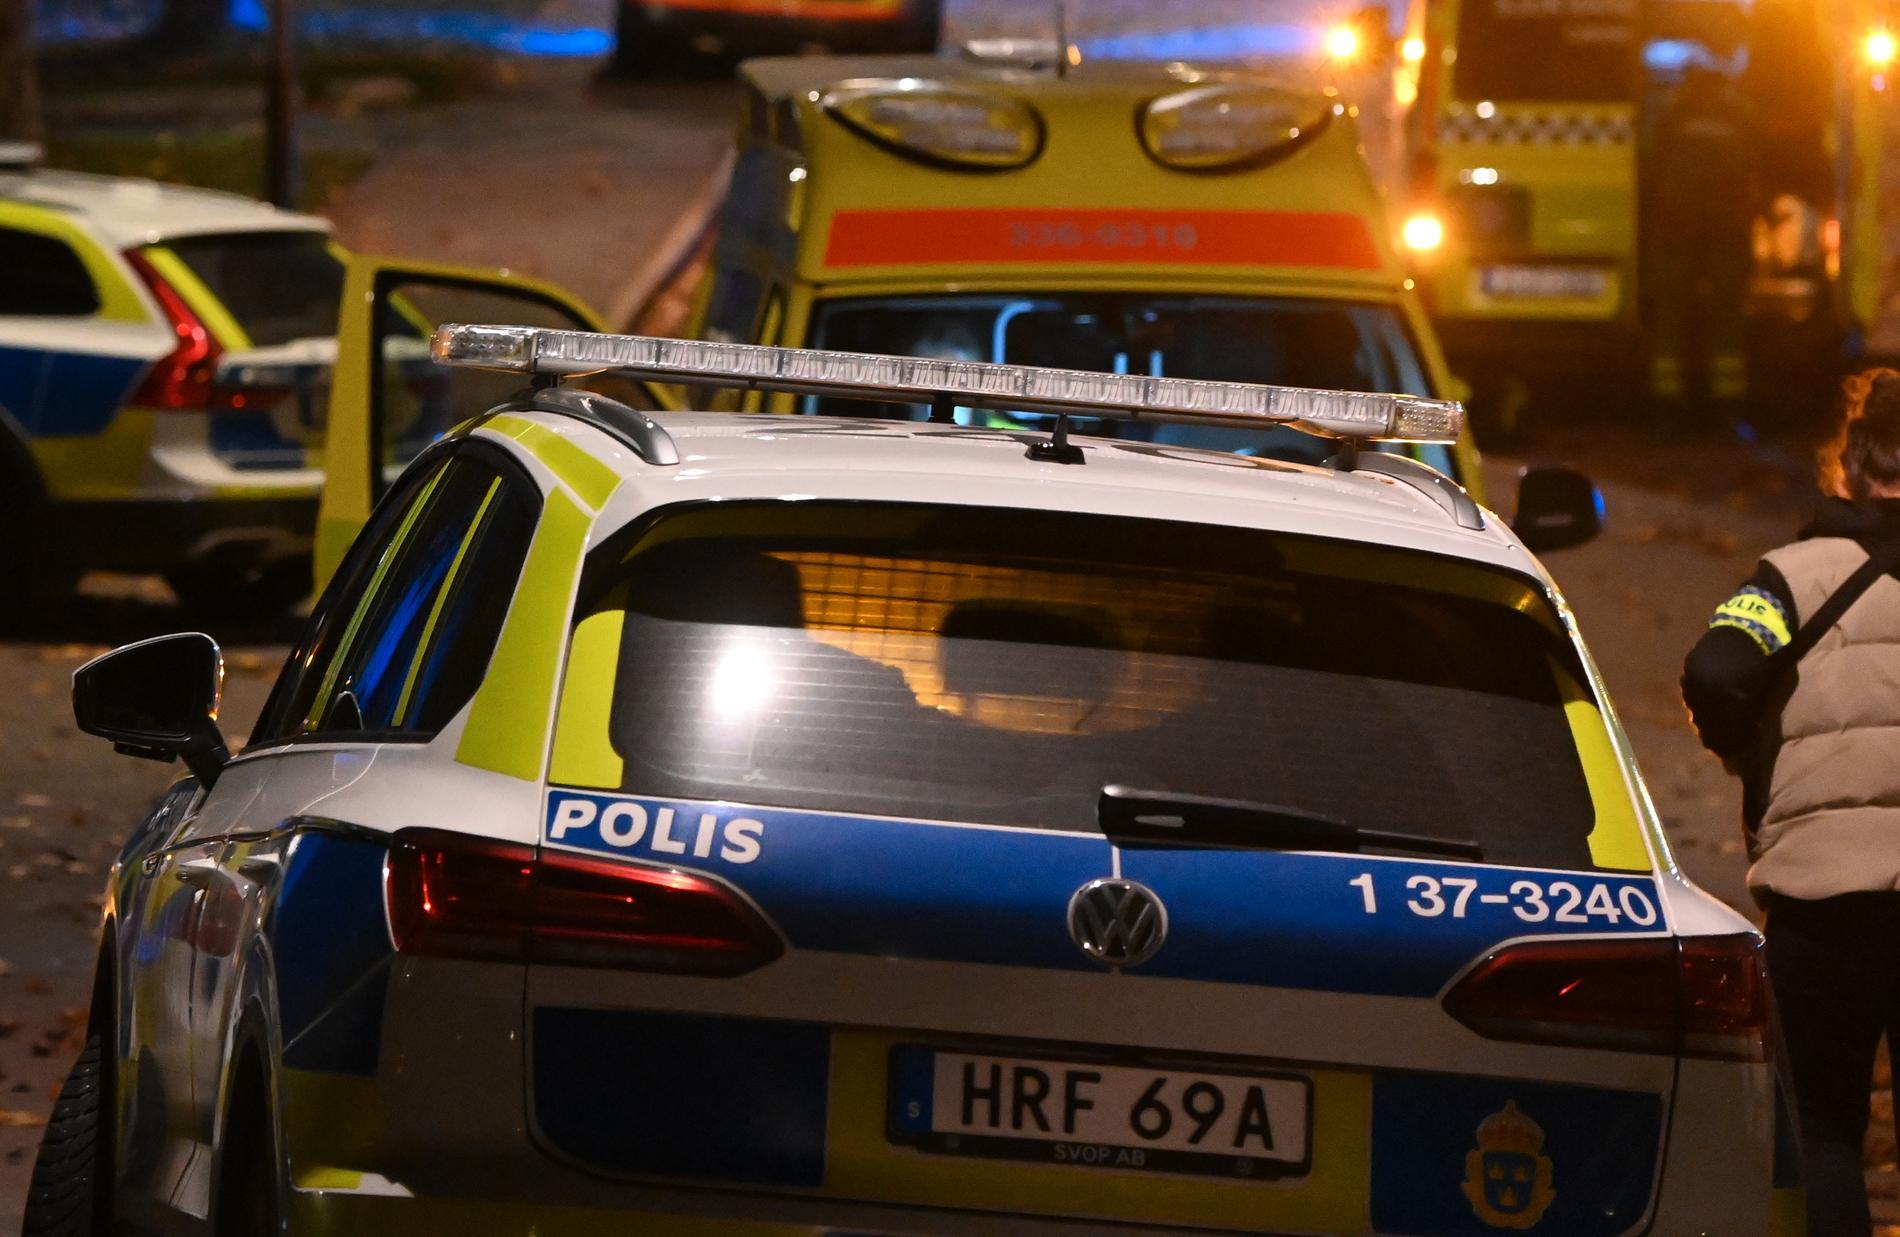 Två personer träffades av kulorna. En man sköts ihjäl och en pojke skadades.